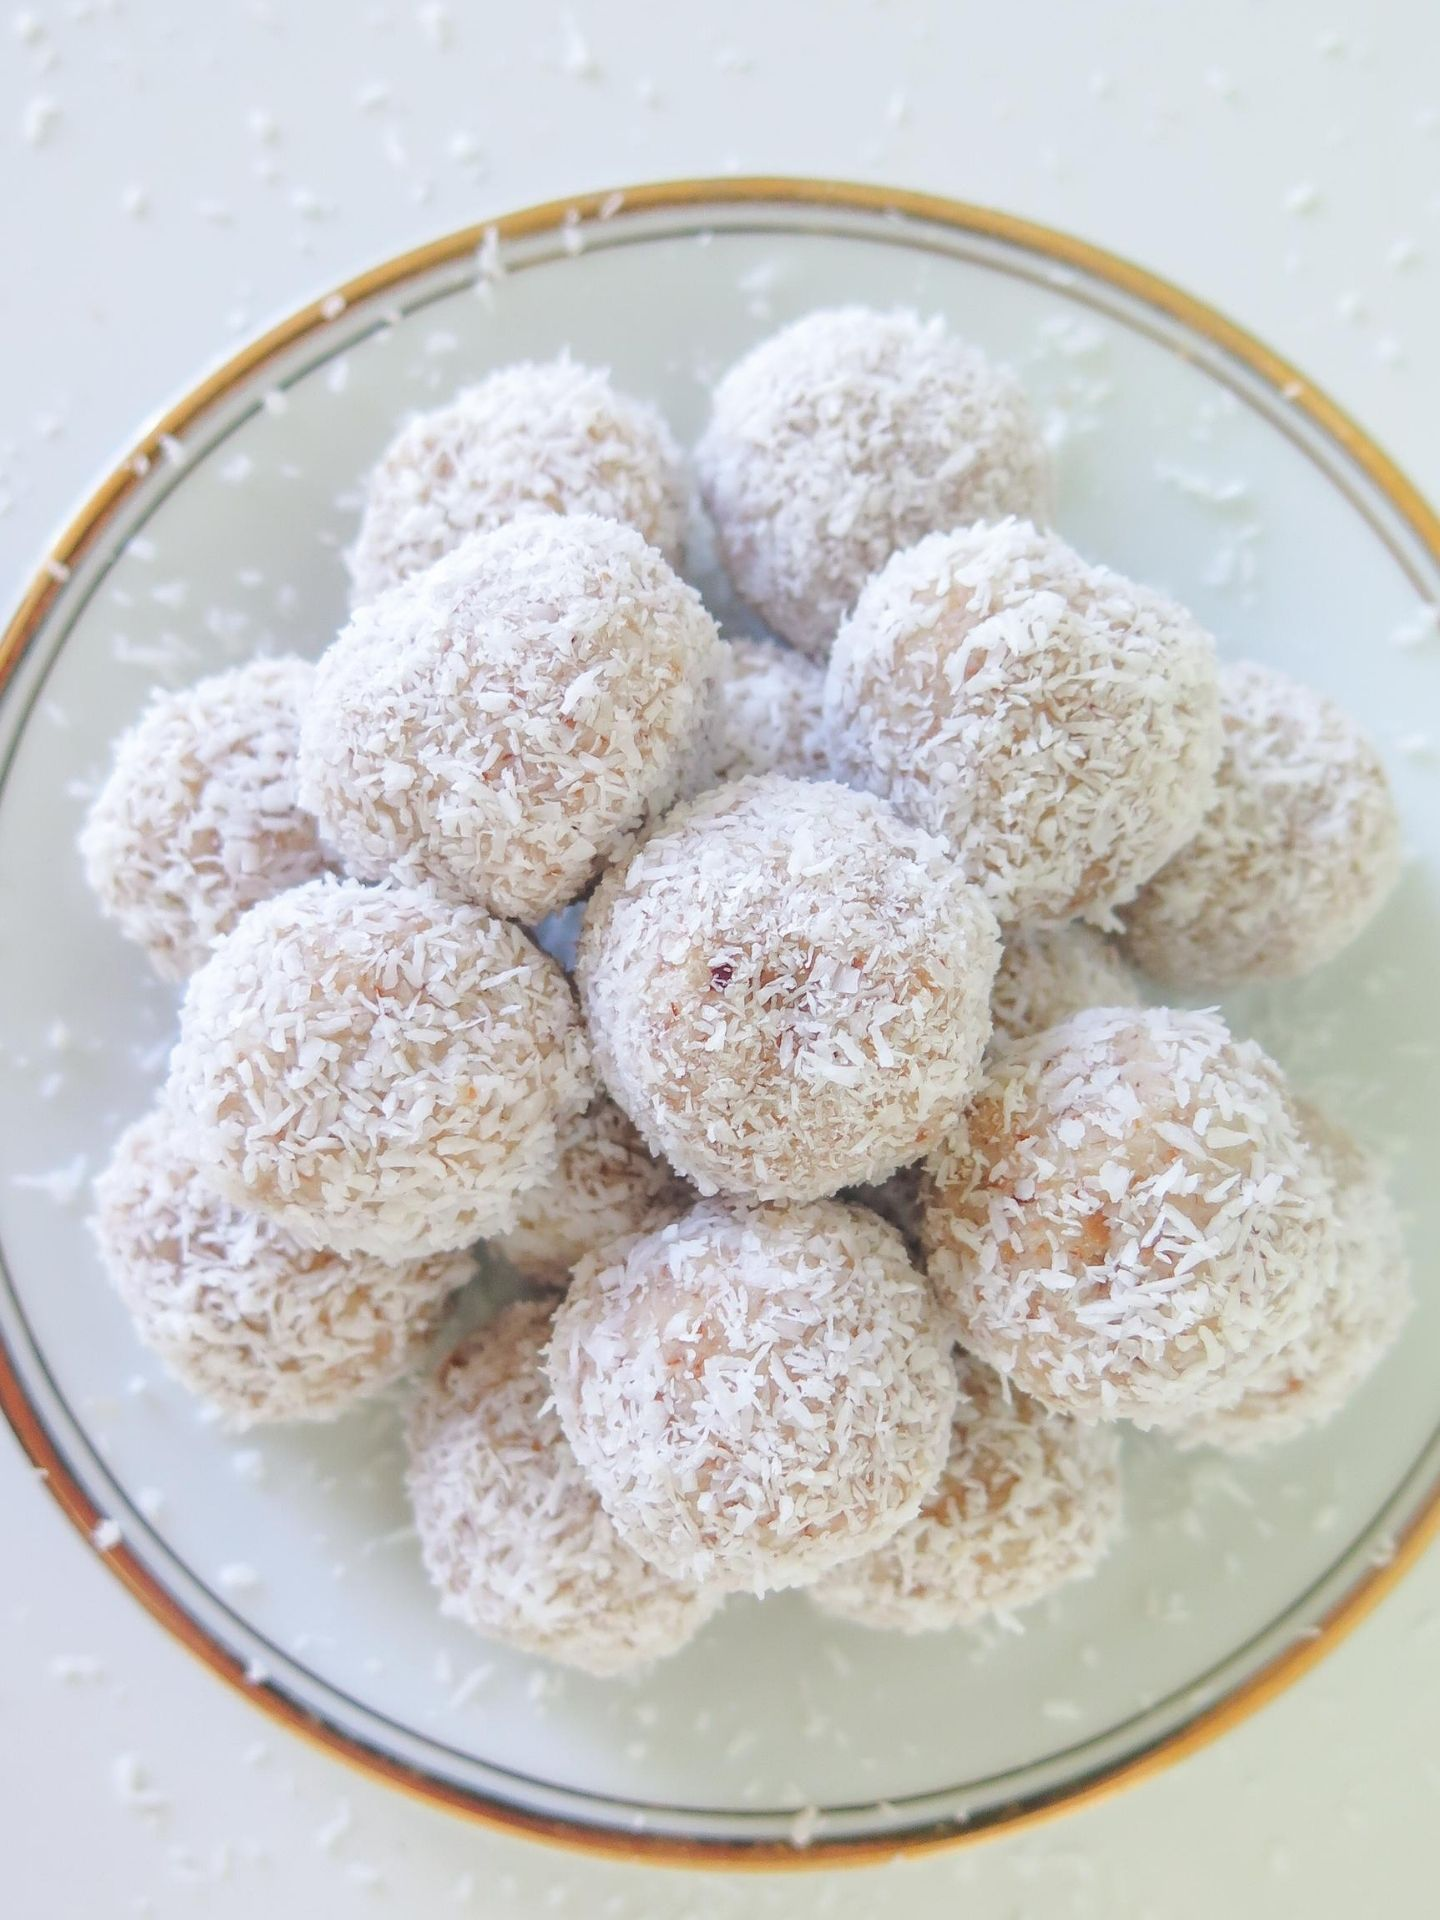 Mandel Kokos Bällchen aus Mandeltrester, gehäuft auf einem Teller abgebildet